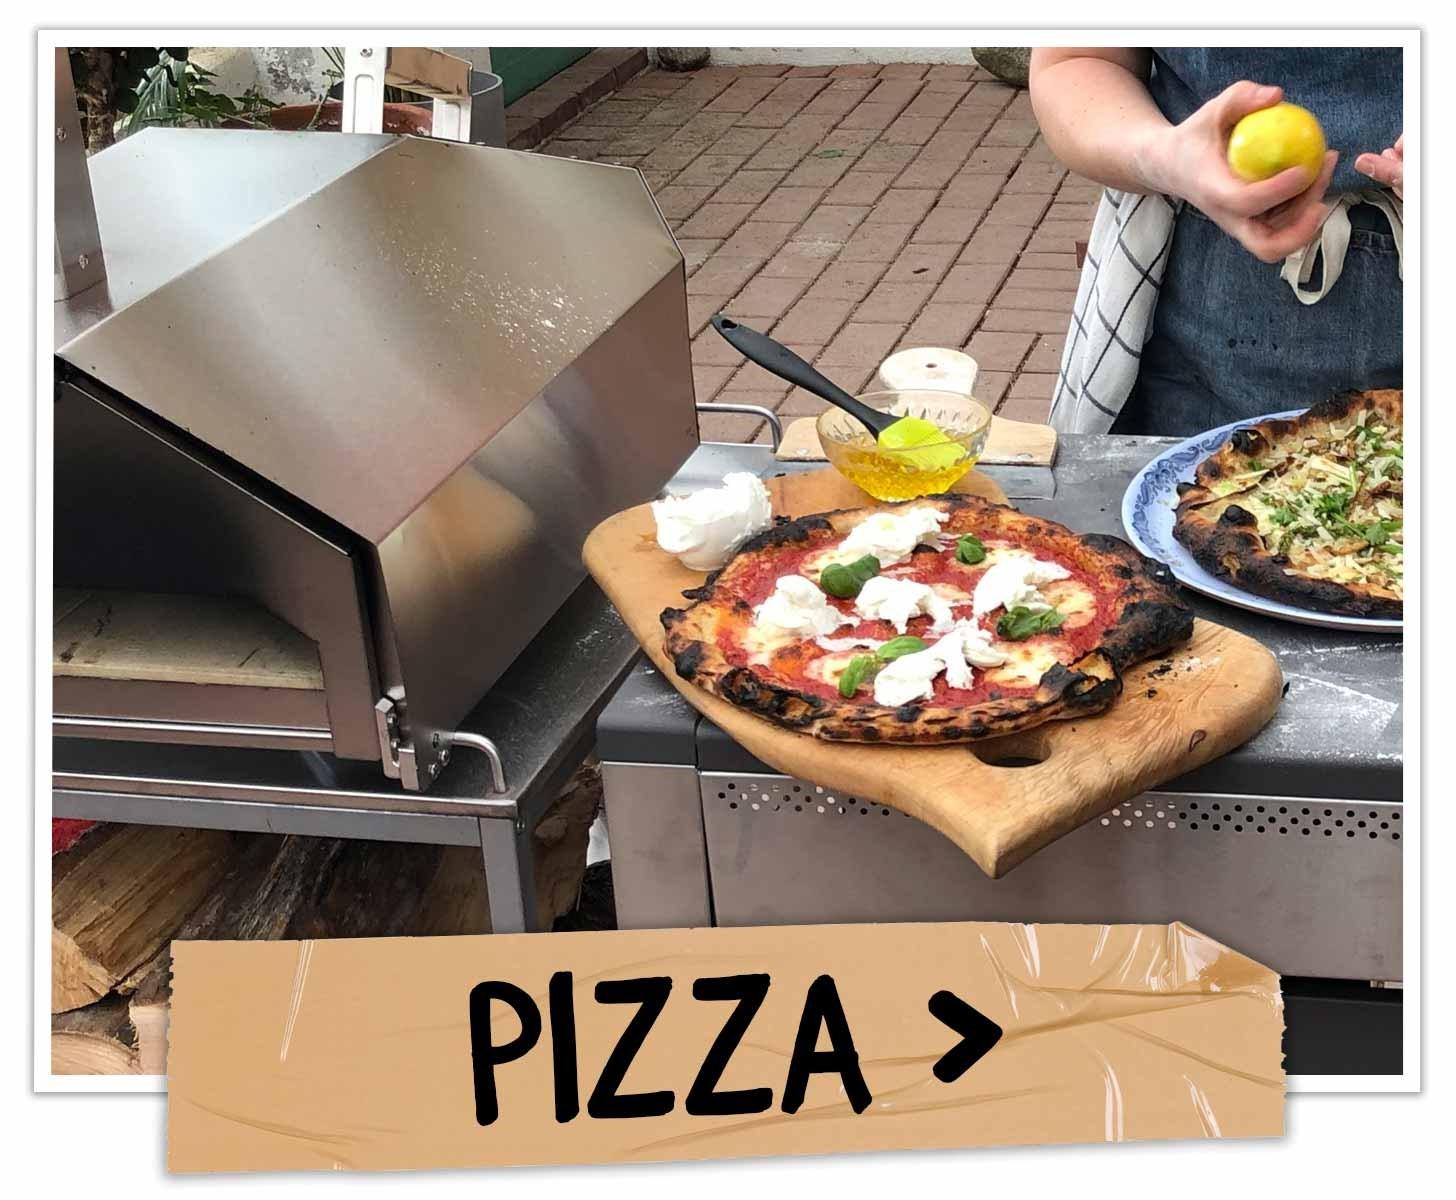 Grillskole - Pizza på grillen